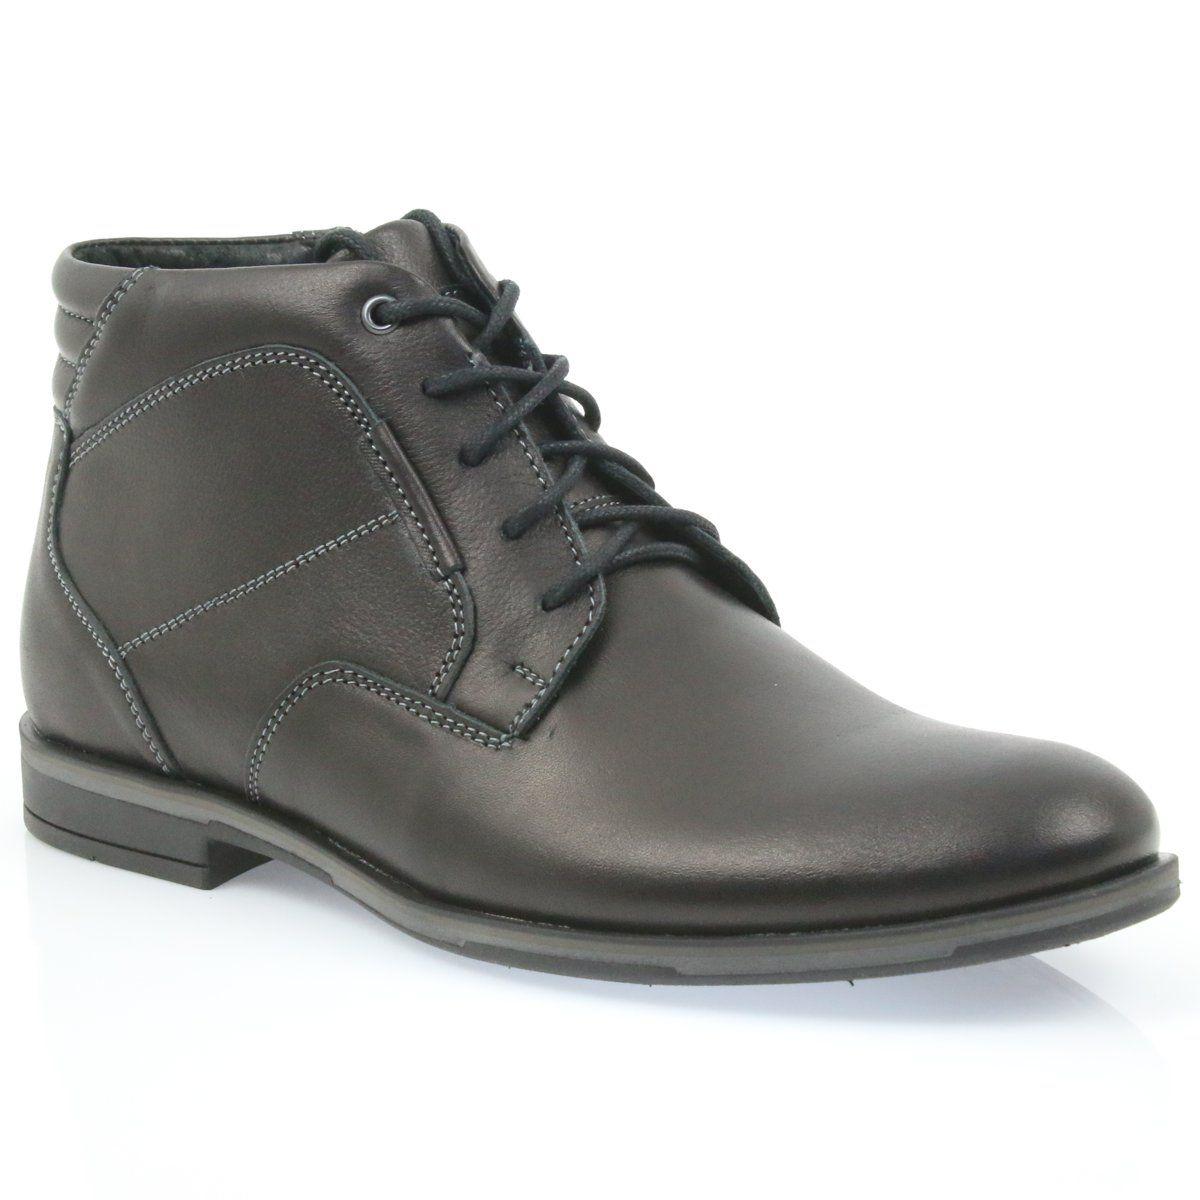 Riko Buty Meskie Botki Sztyblety 861 Czarne Mens Boots Casual Chelsea Boots Men Chelsea Boots Men Outfit